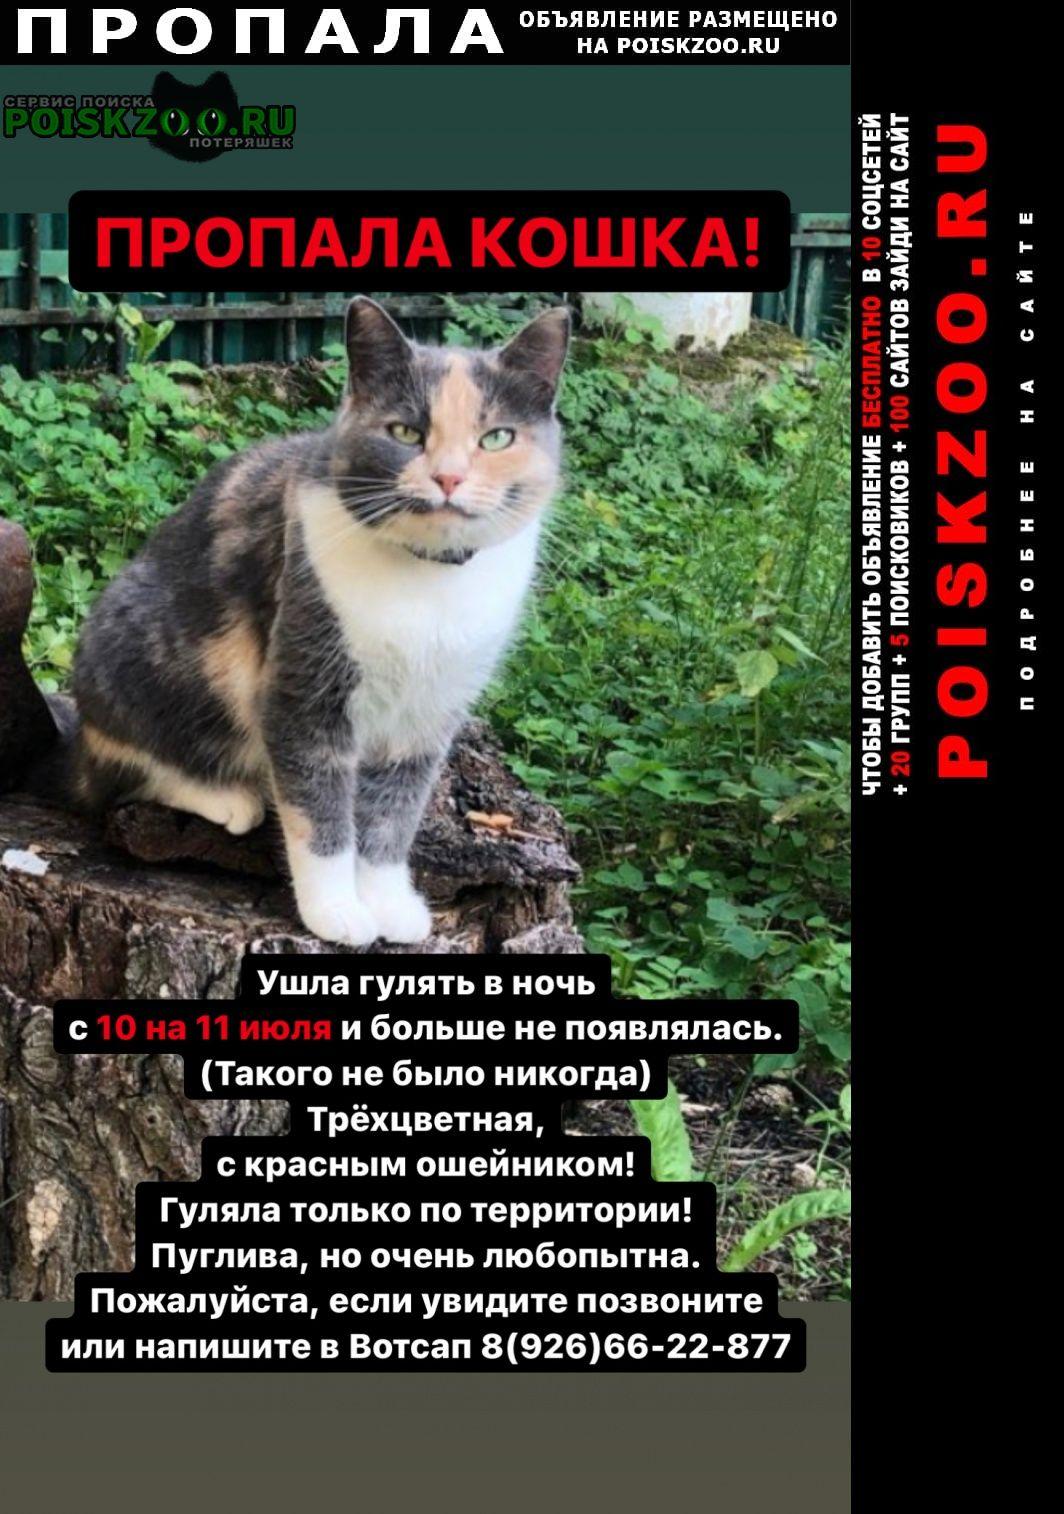 Пропала кошка кратово Раменское